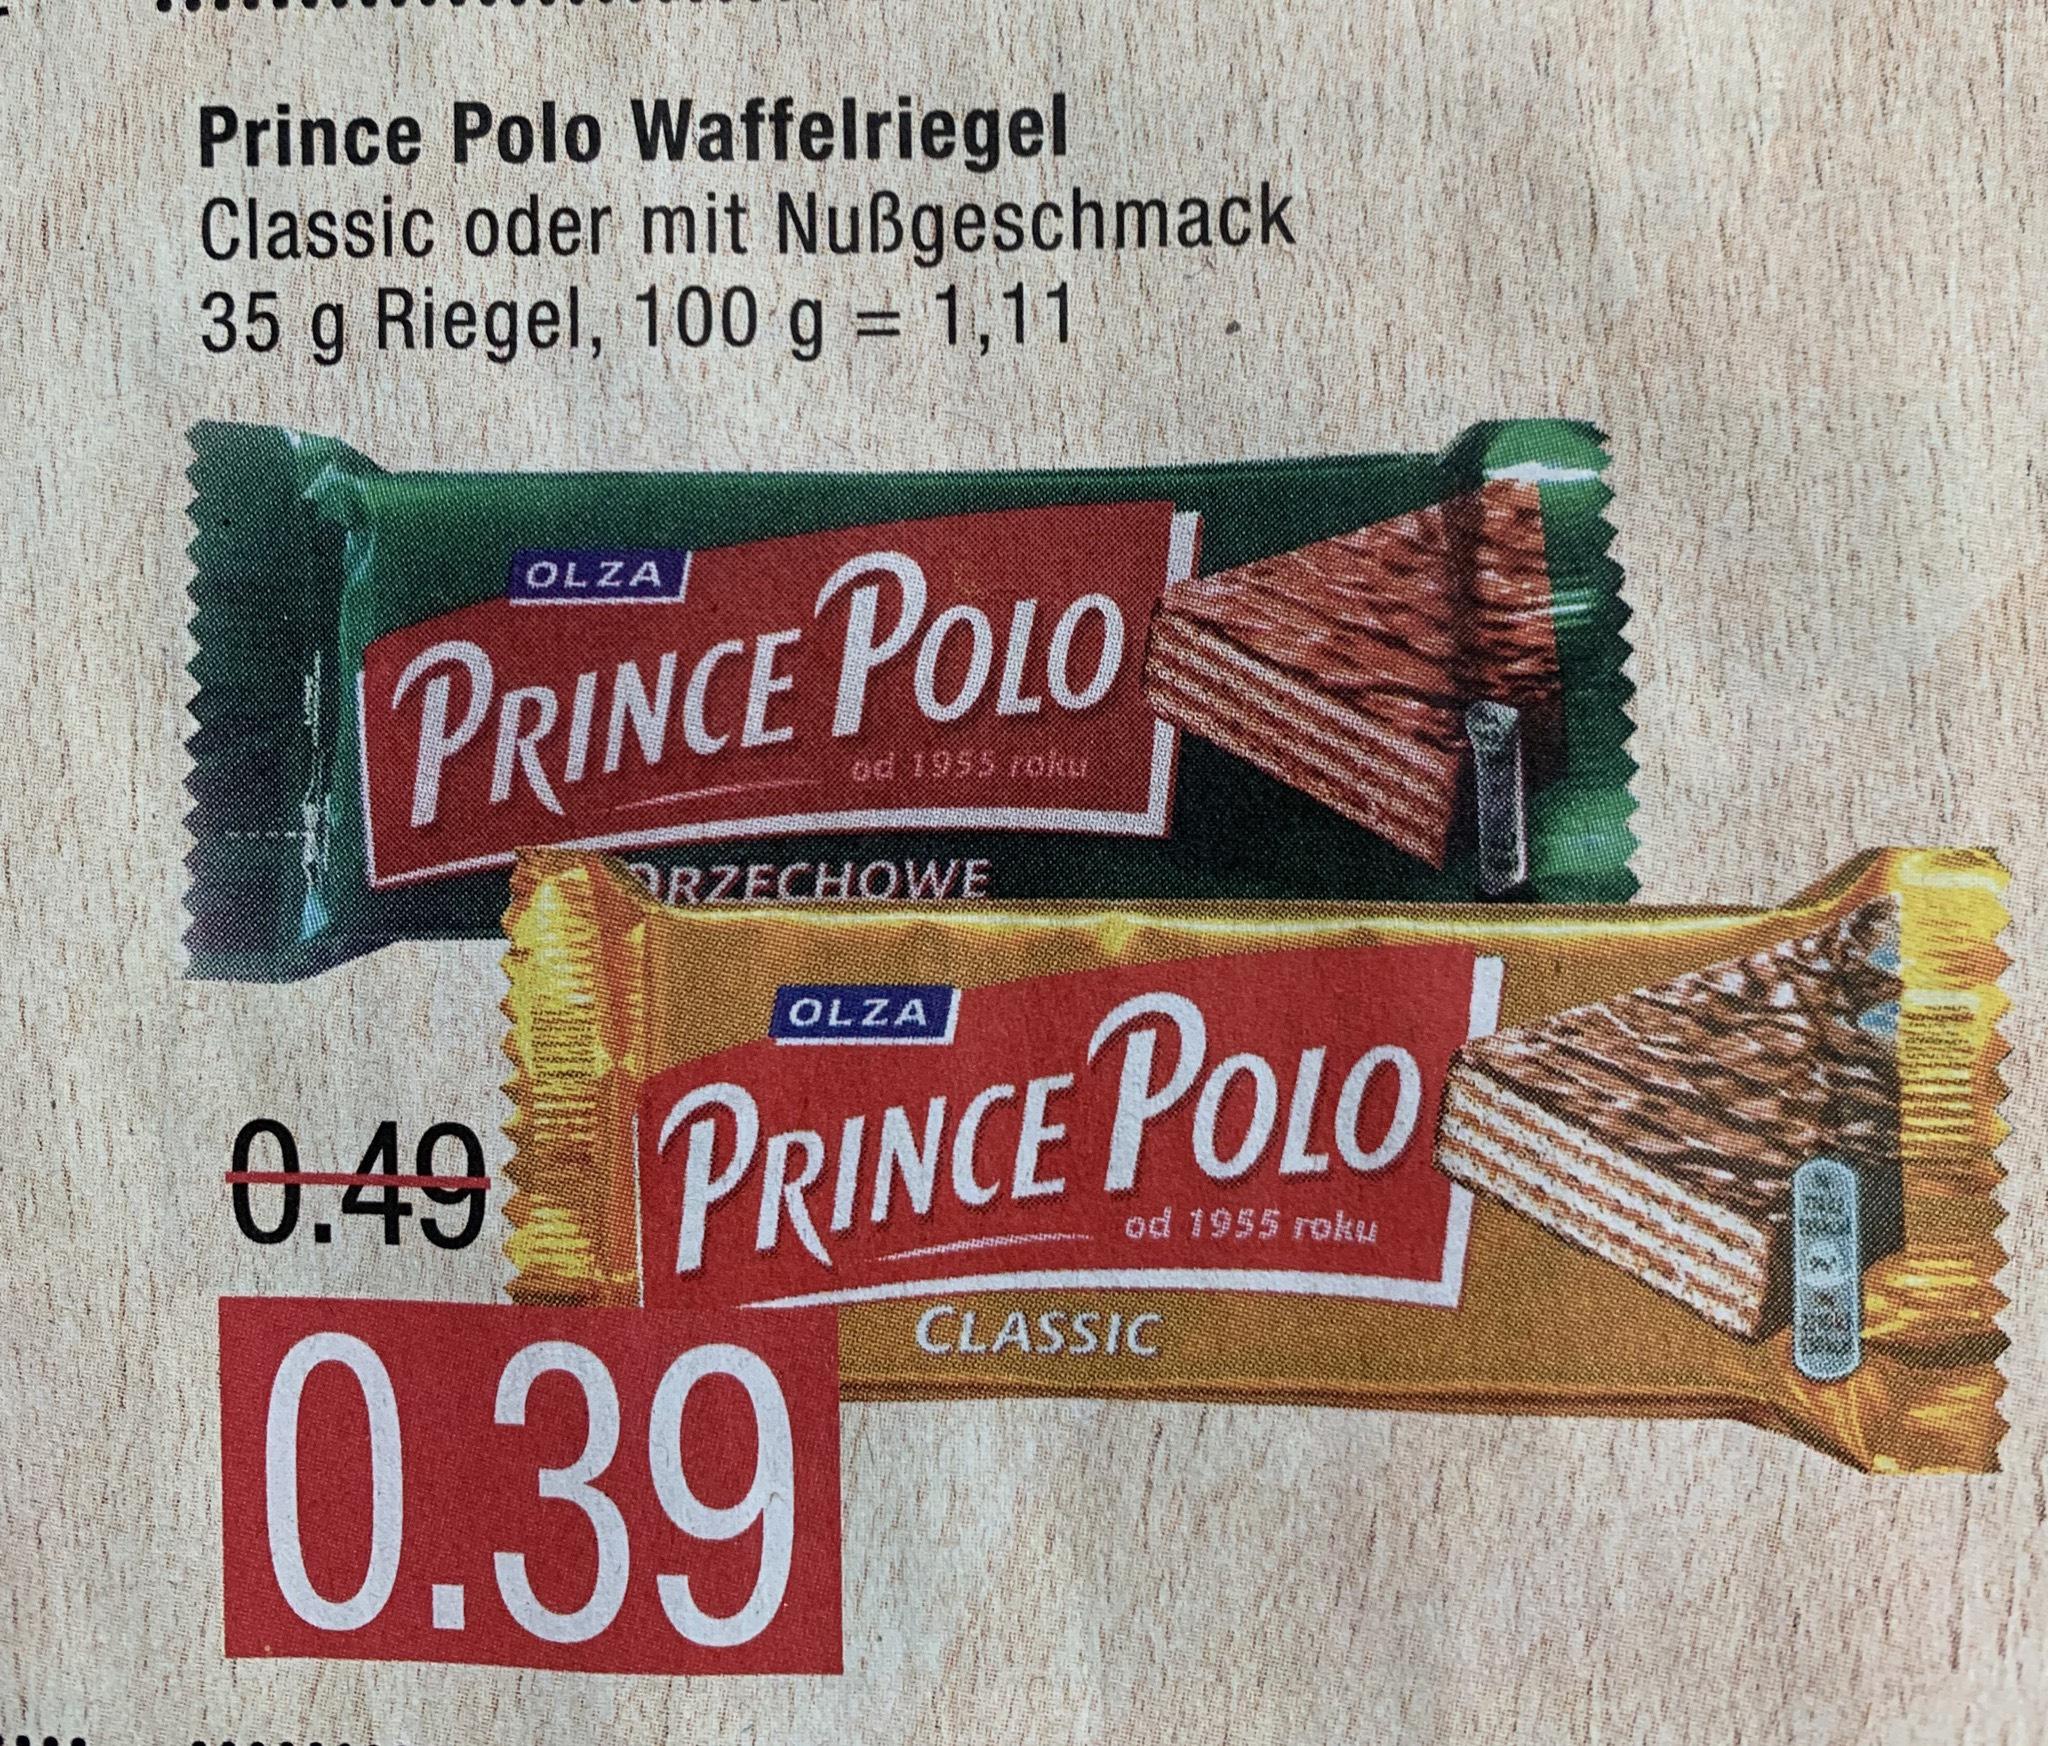 [Marktkauf Nord] Polnische Prince Polo Schokoladenwaffel für 0,39€ ab Montag 20.05.2019 (Classic oder Haselnuss)